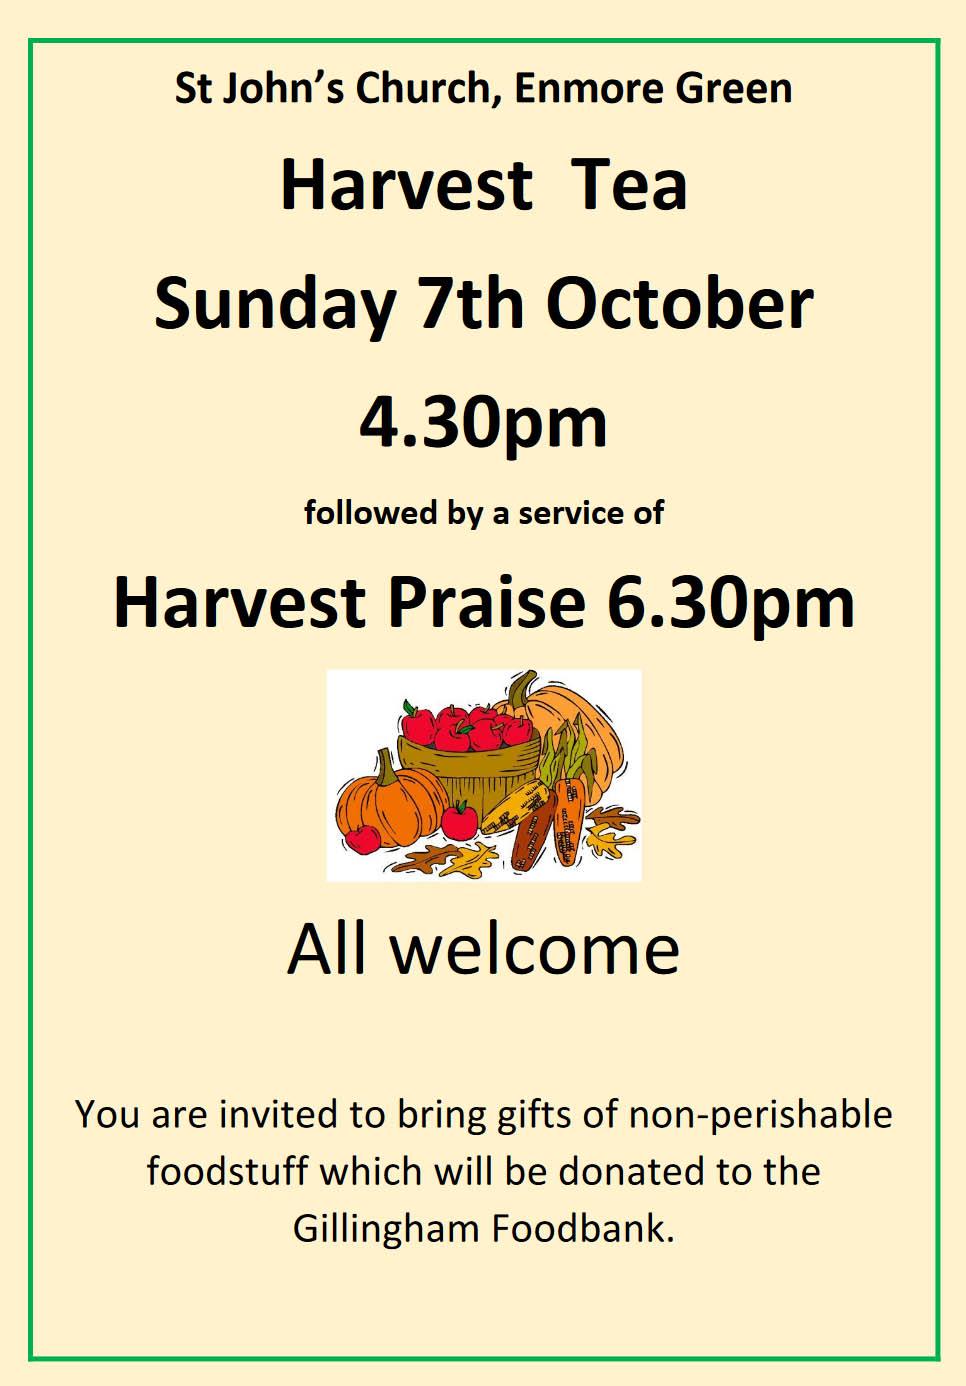 Harvest Tea and Praise